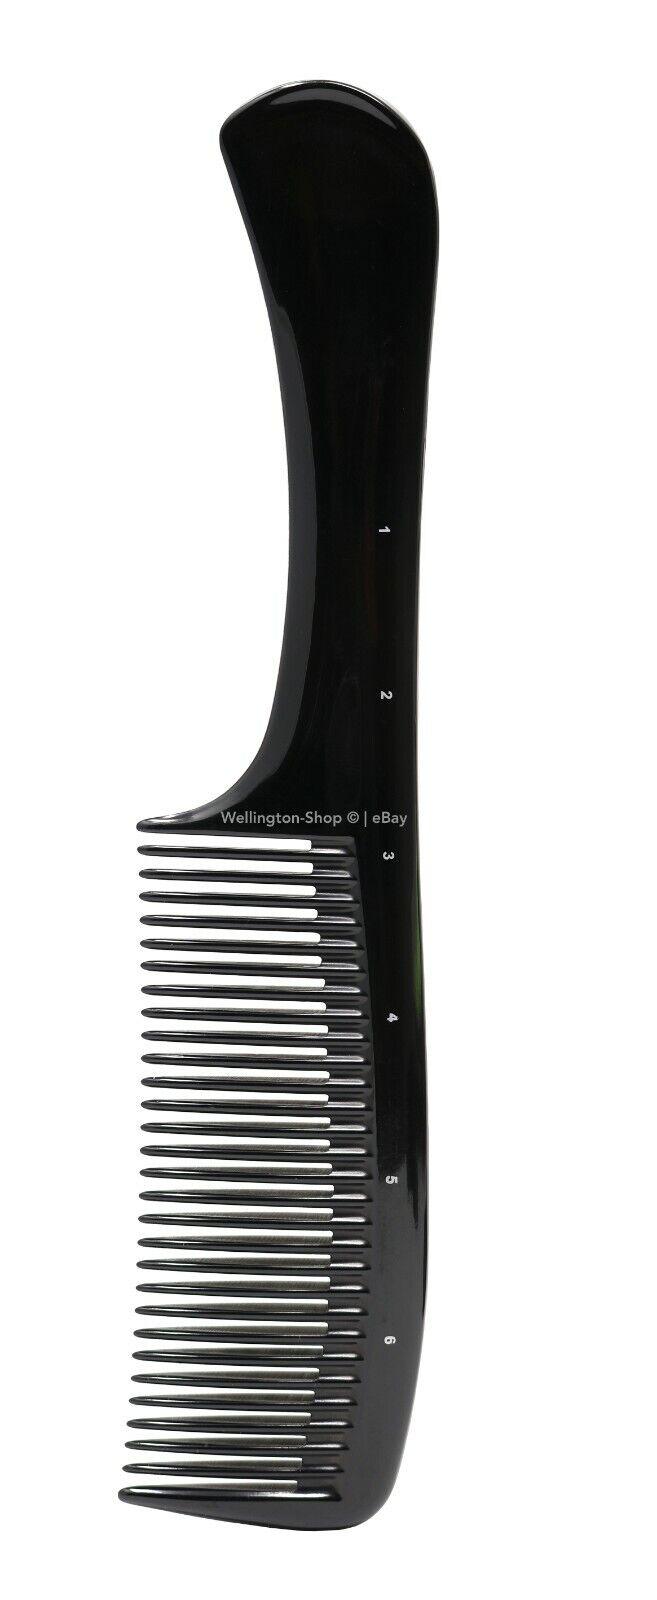 Pegasus 501 Styling Comb Detangling Comb 9 Coarse Teeth Shampoo Color Rake Comb - $12.99